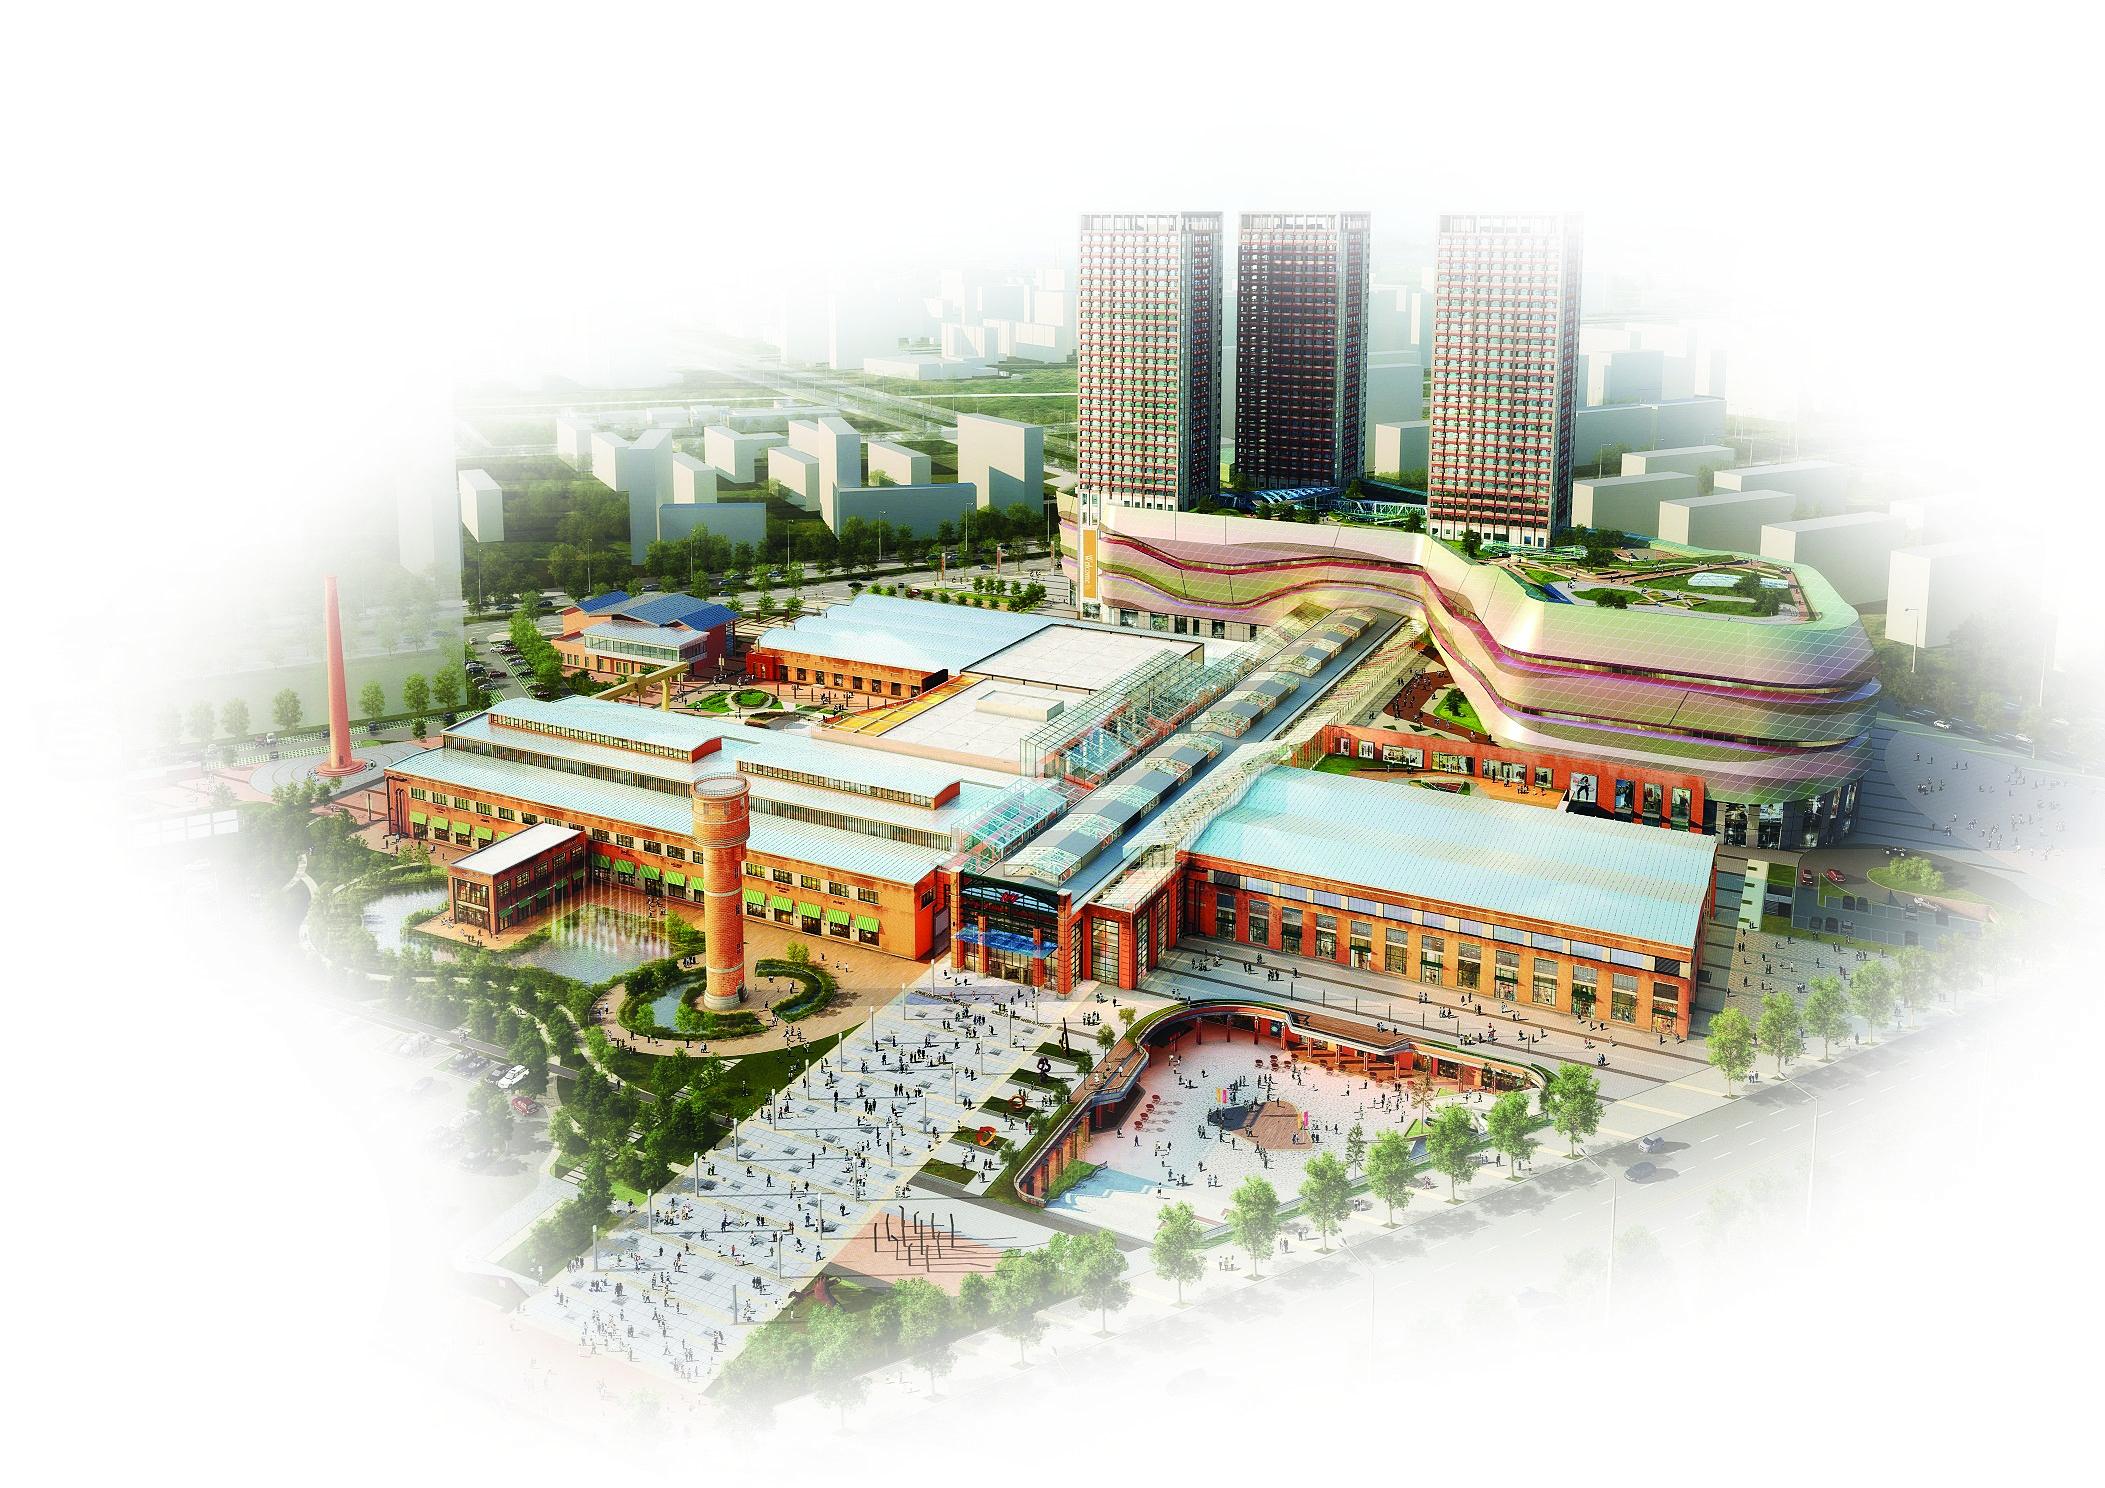 中国服装协会,中国服装设计师协会将这里定为